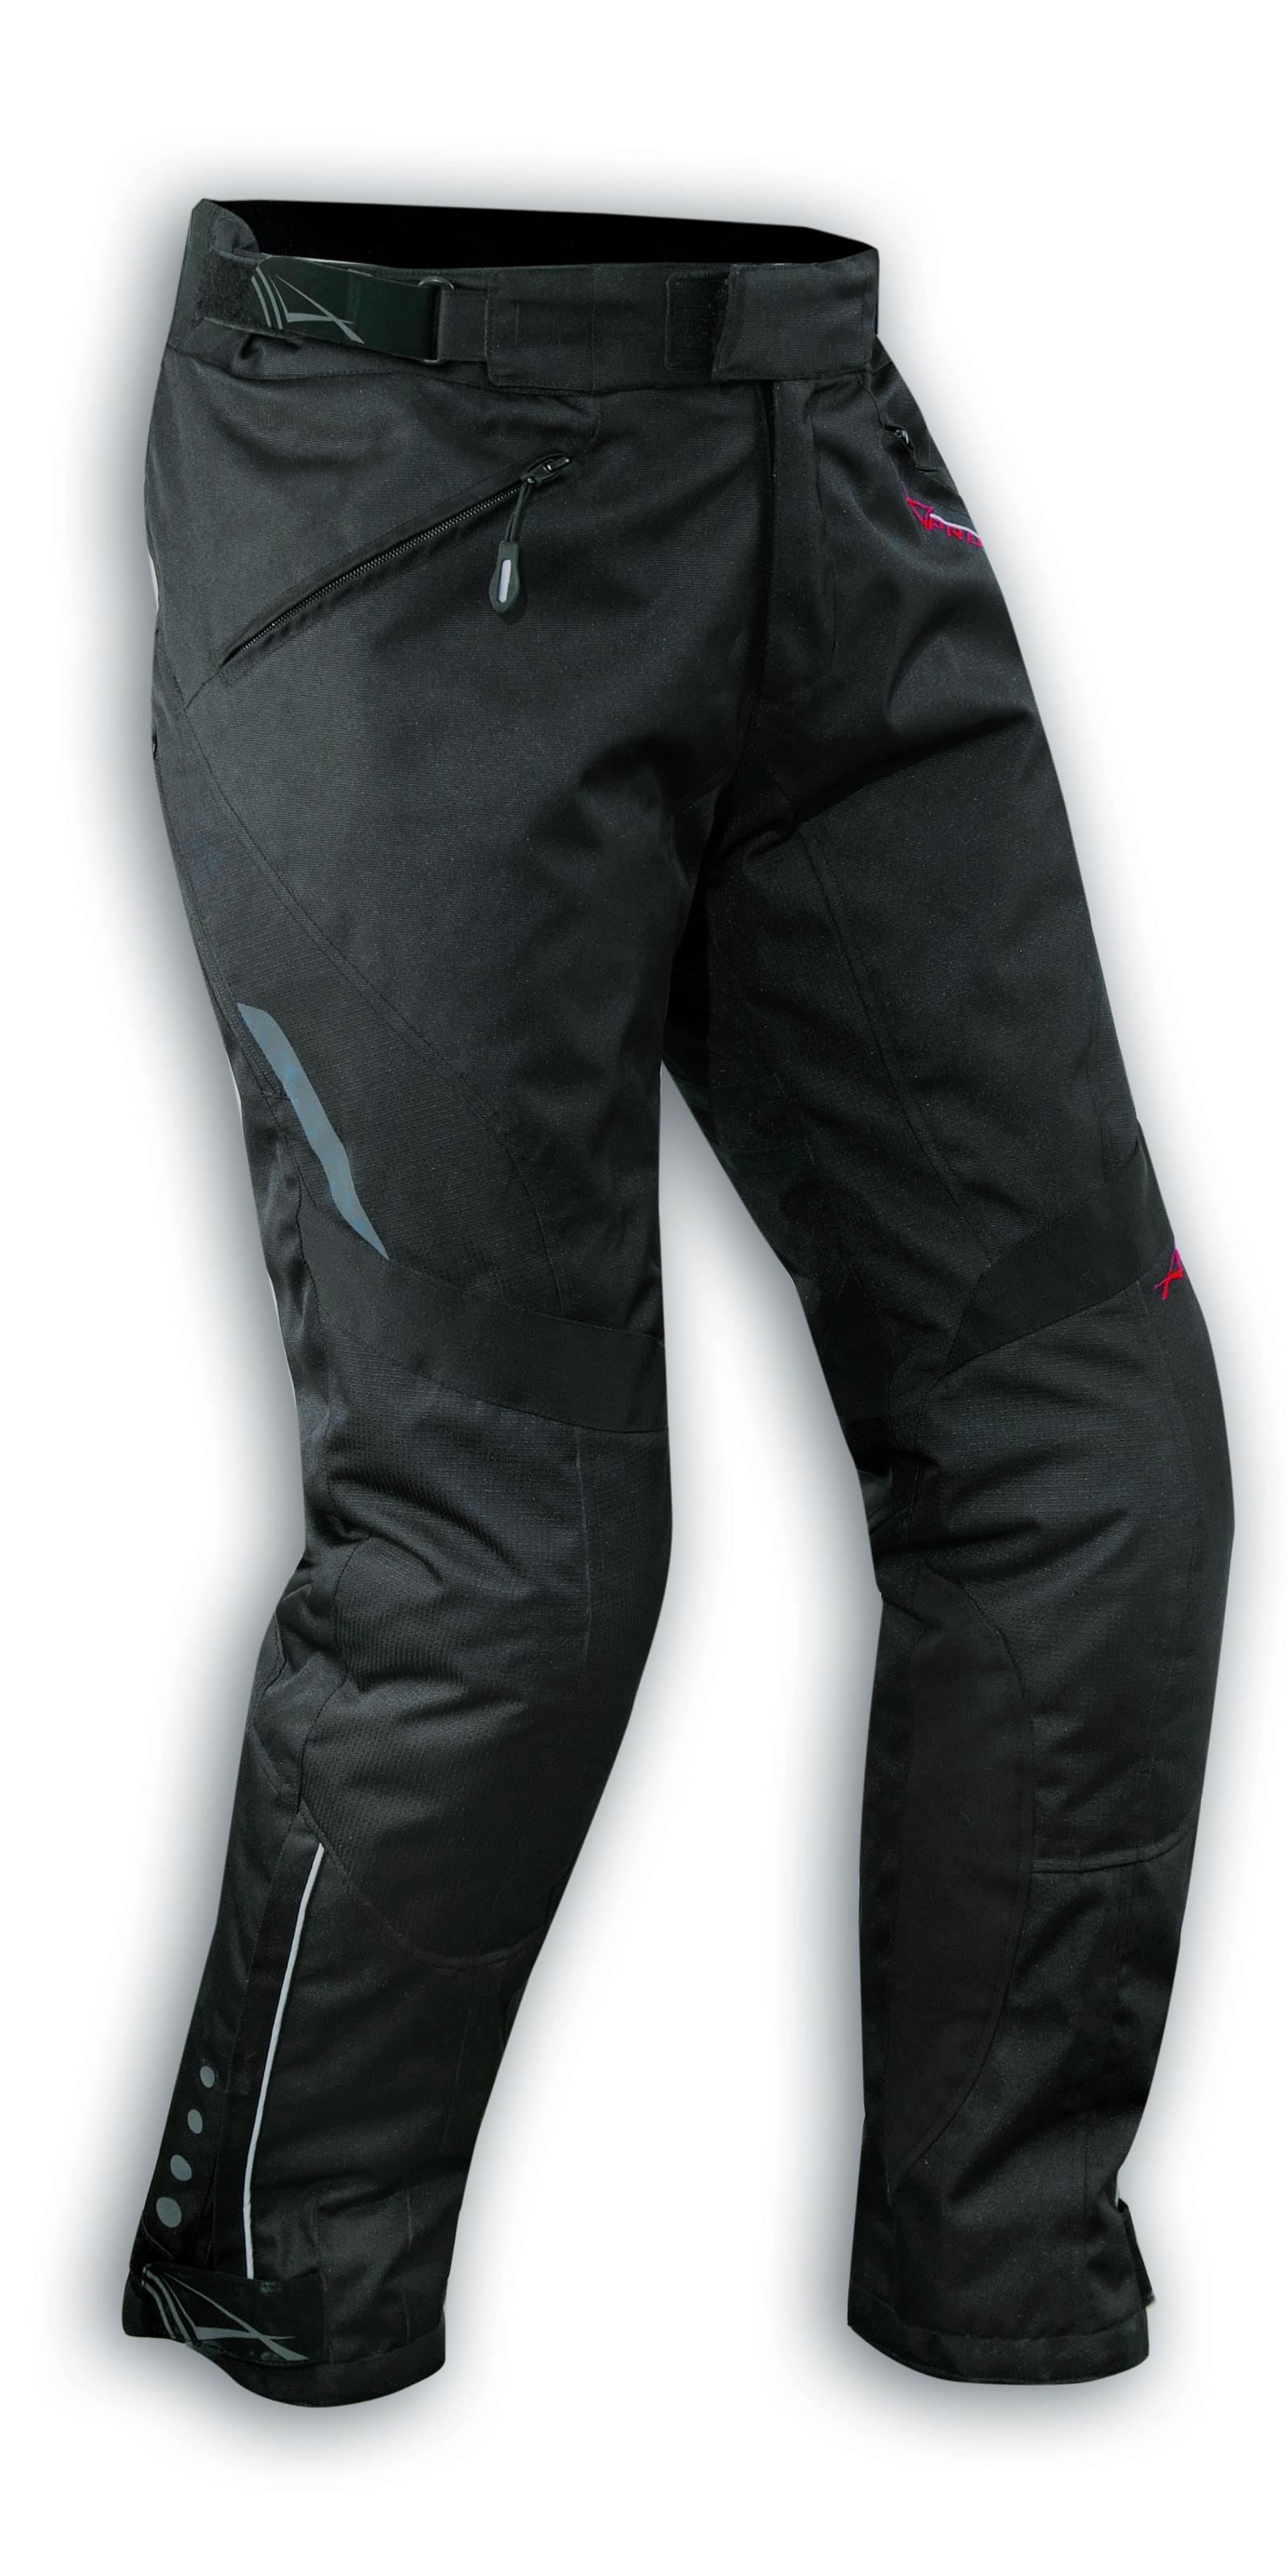 pantalon impermeable homme protections ce thermique motard moto noir 30 ebay. Black Bedroom Furniture Sets. Home Design Ideas